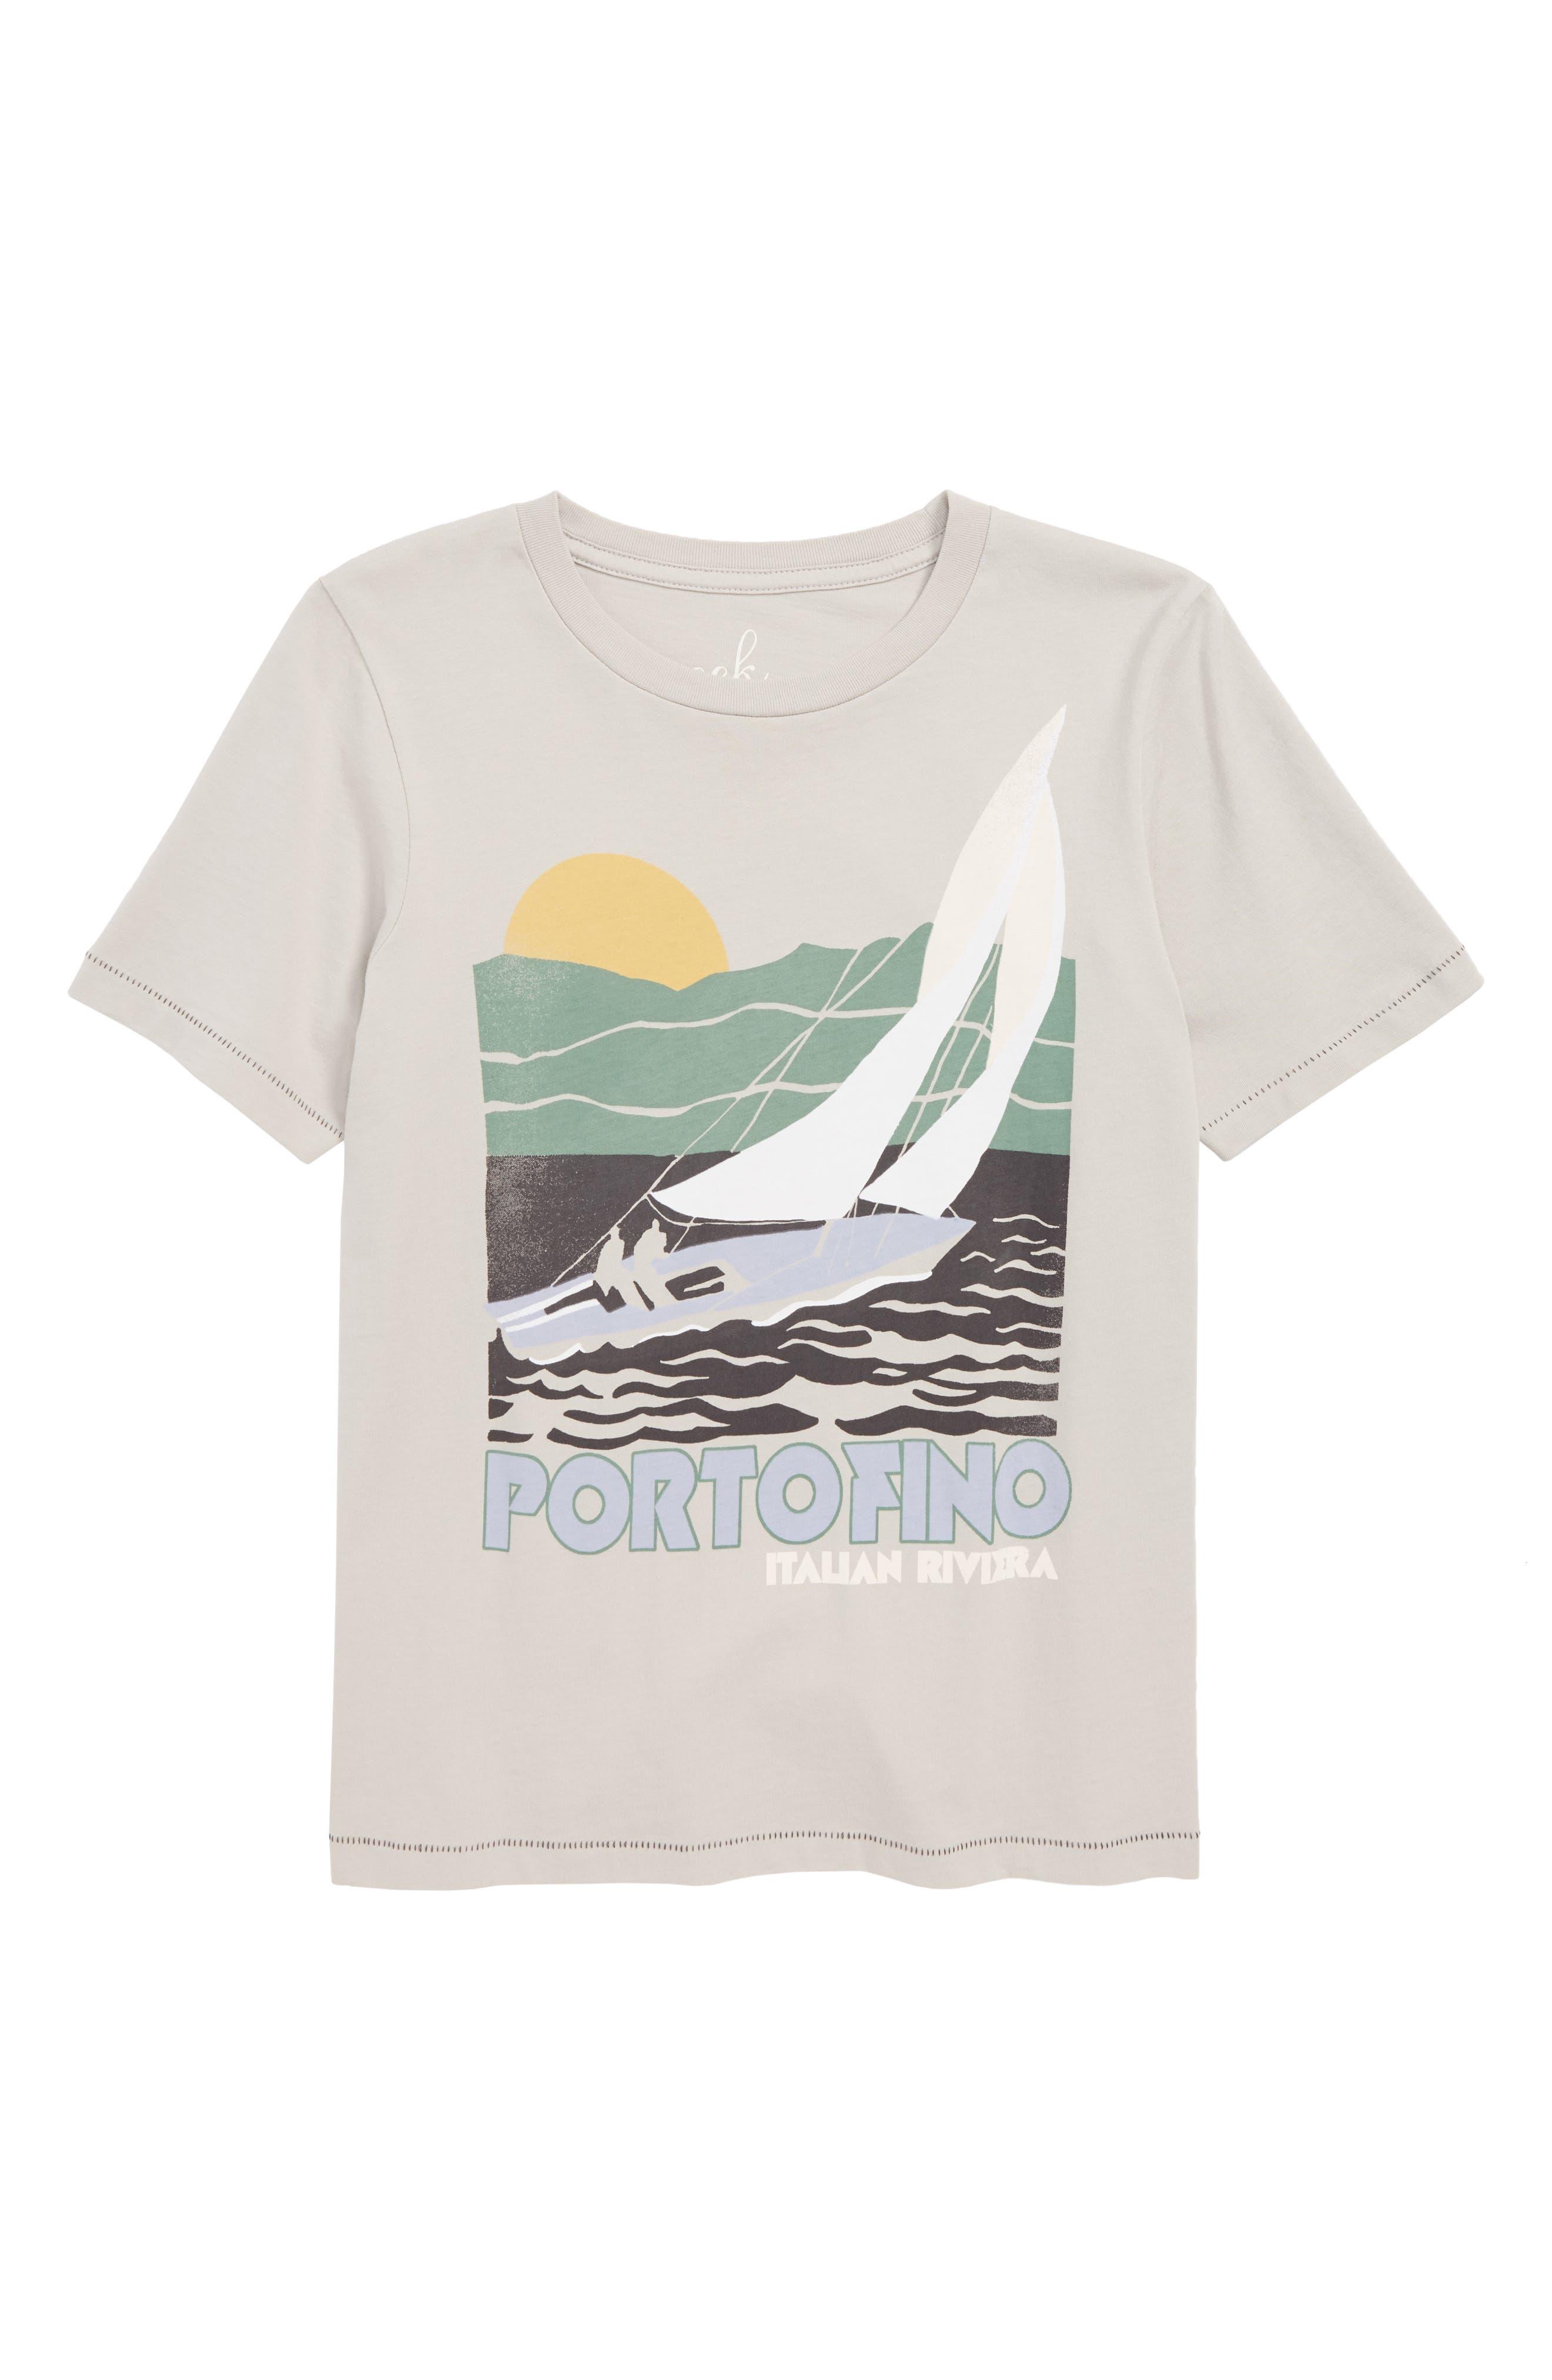 Portofino T-Shirt,                             Main thumbnail 1, color,                             LIGHT GREY